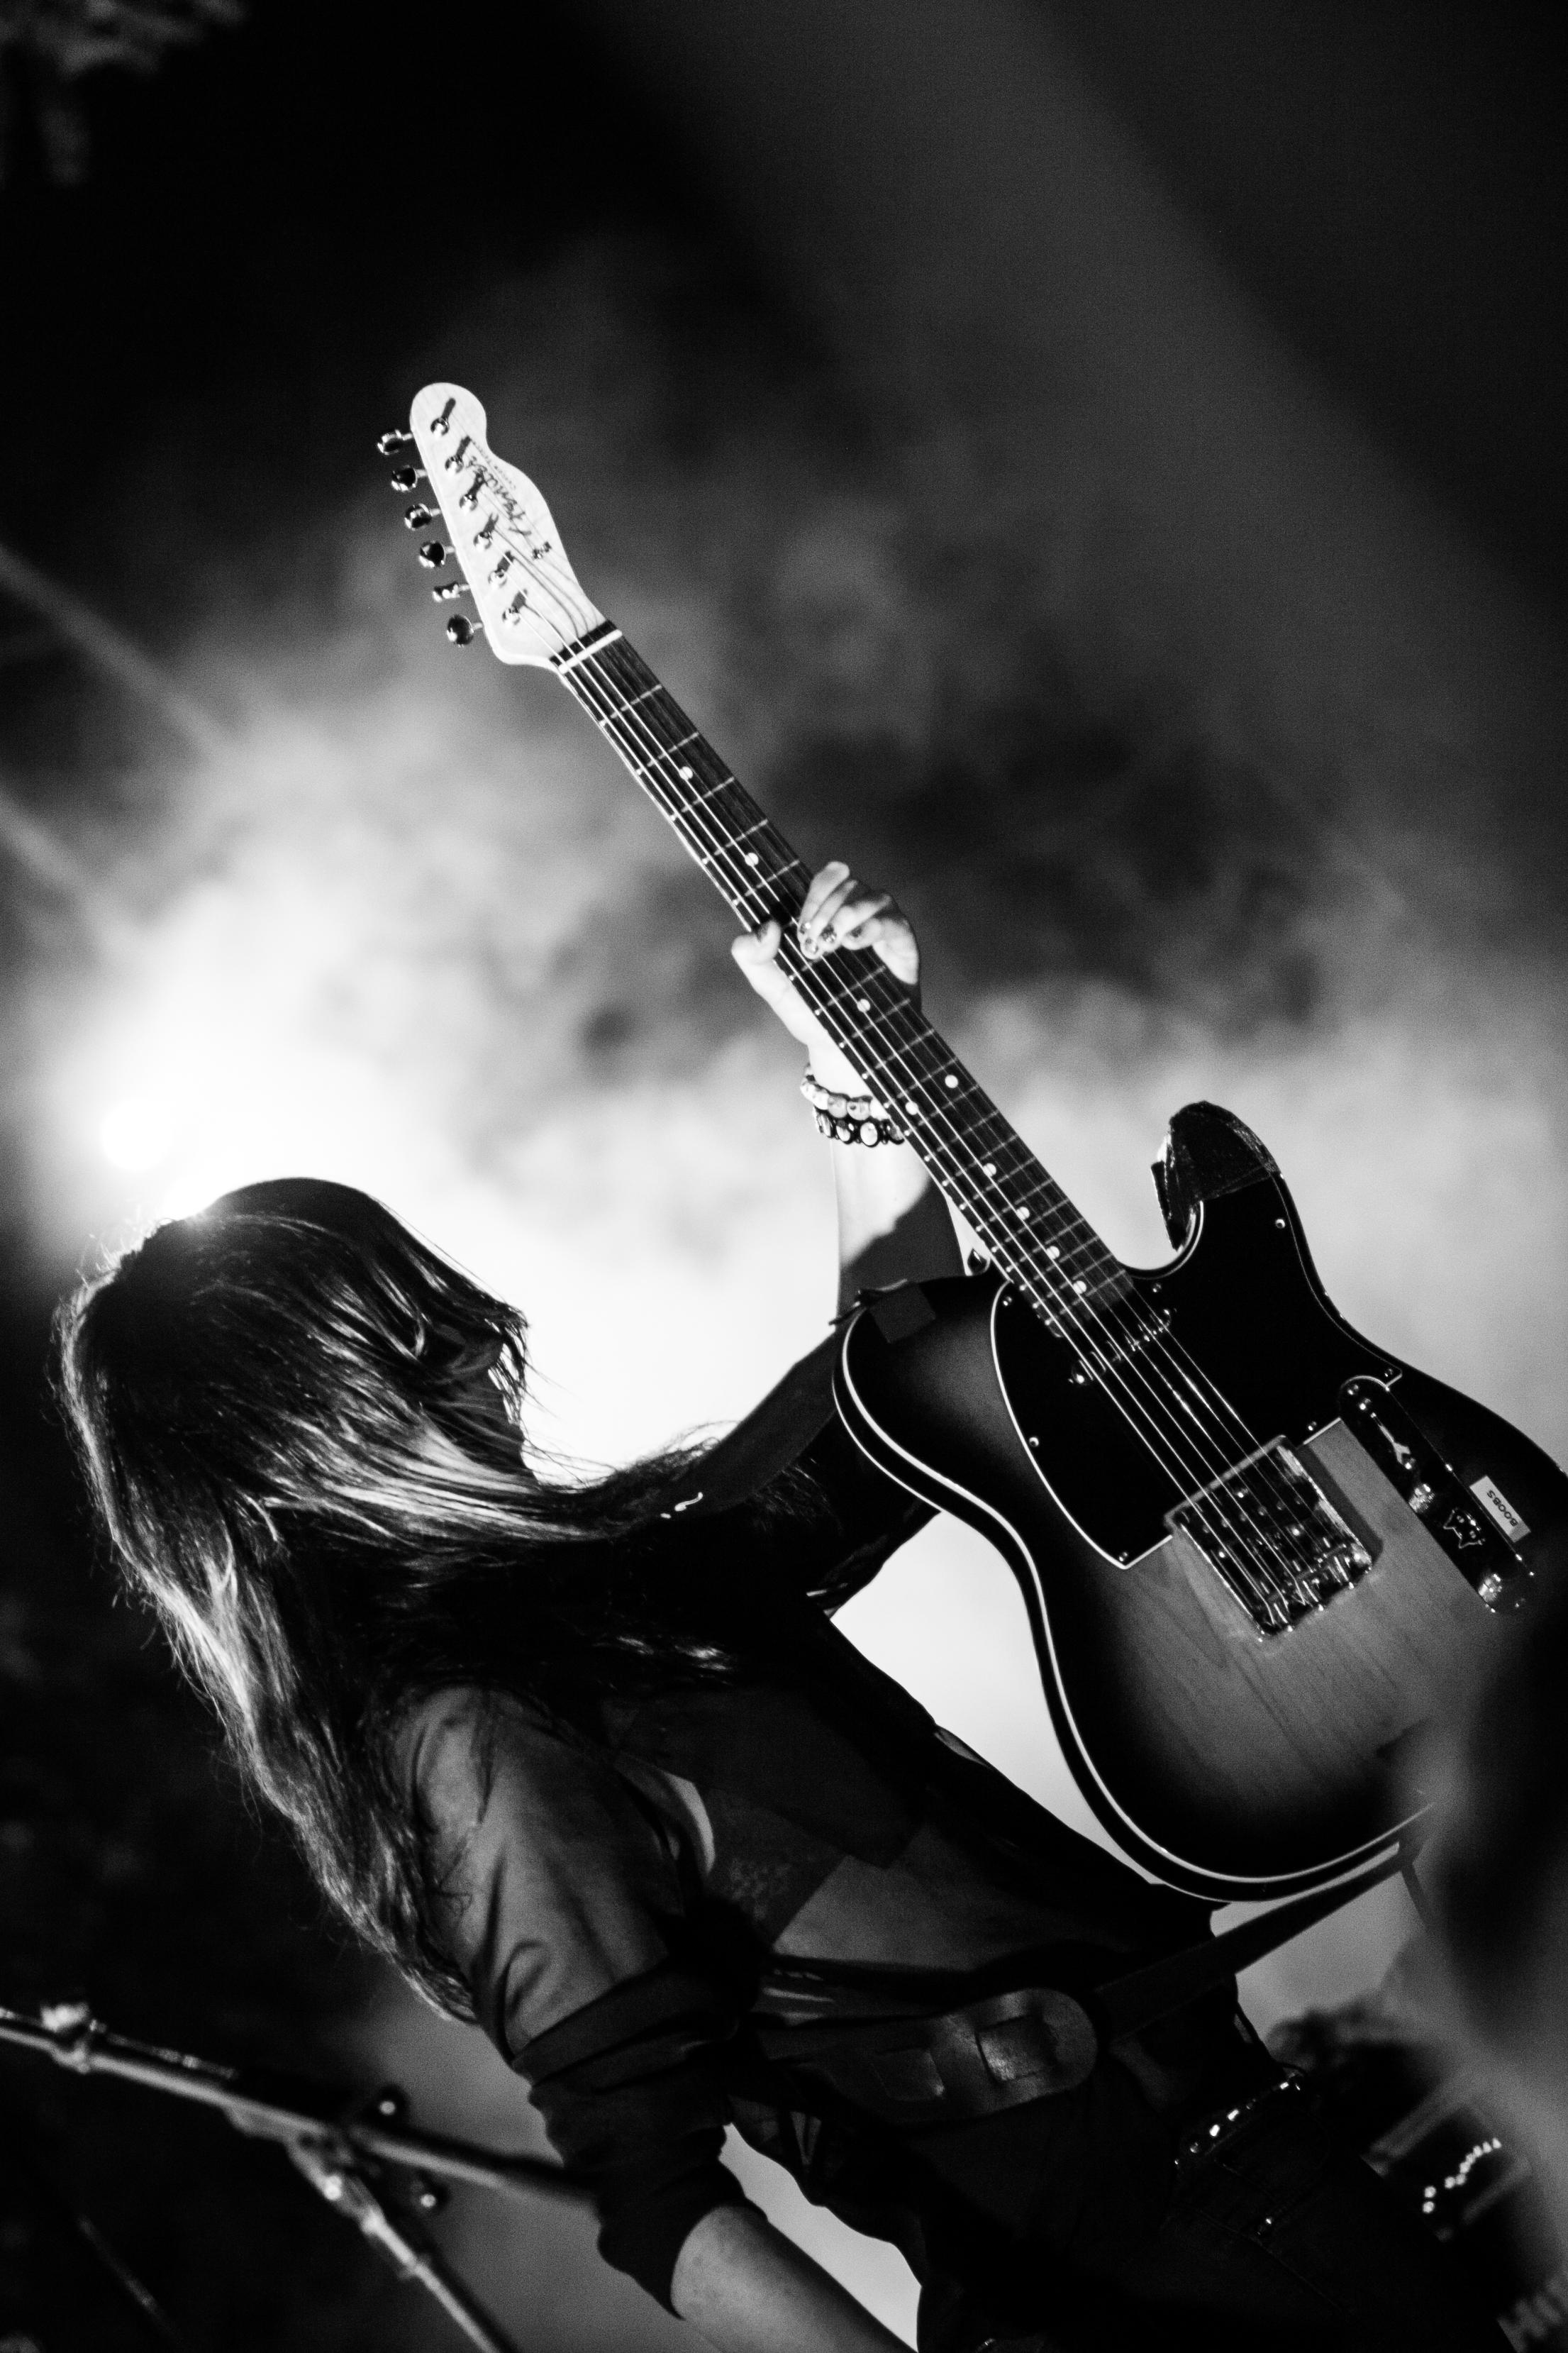 всего нескольких крутые картинки гитаристов настоящее время главный